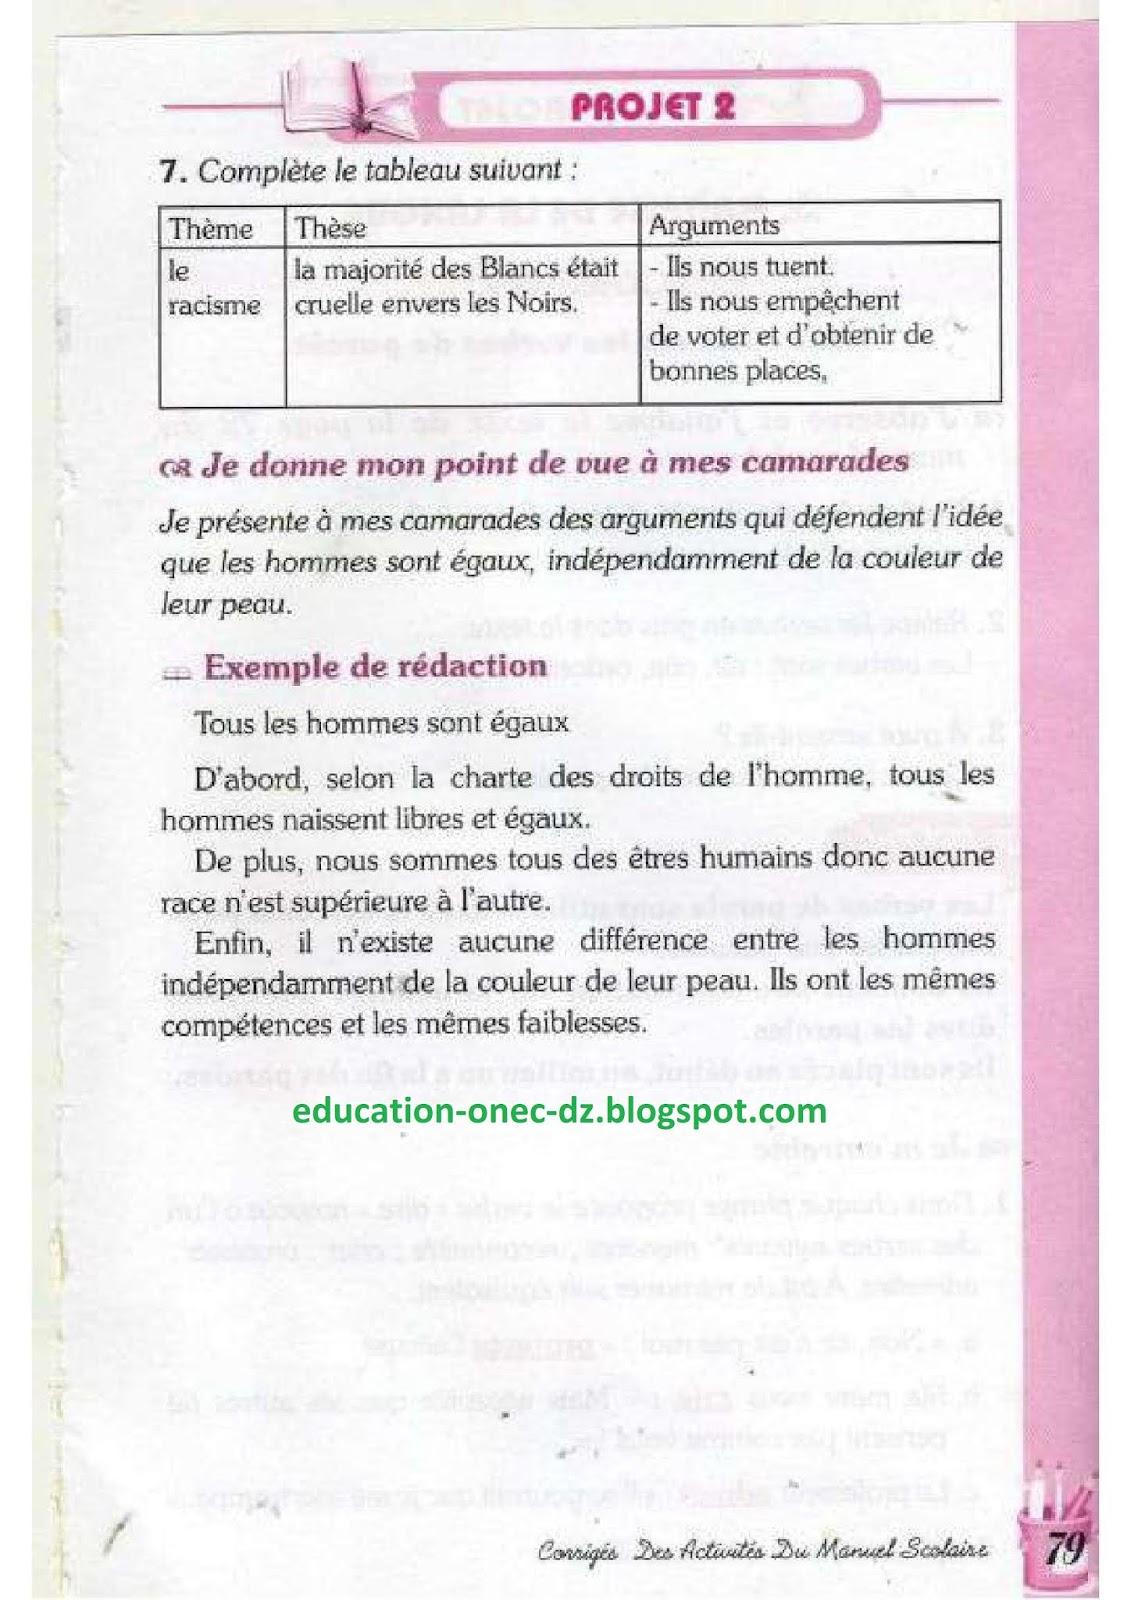 كتاب الفرنسية للسنة الرابعة متوسط الجيل الثاني